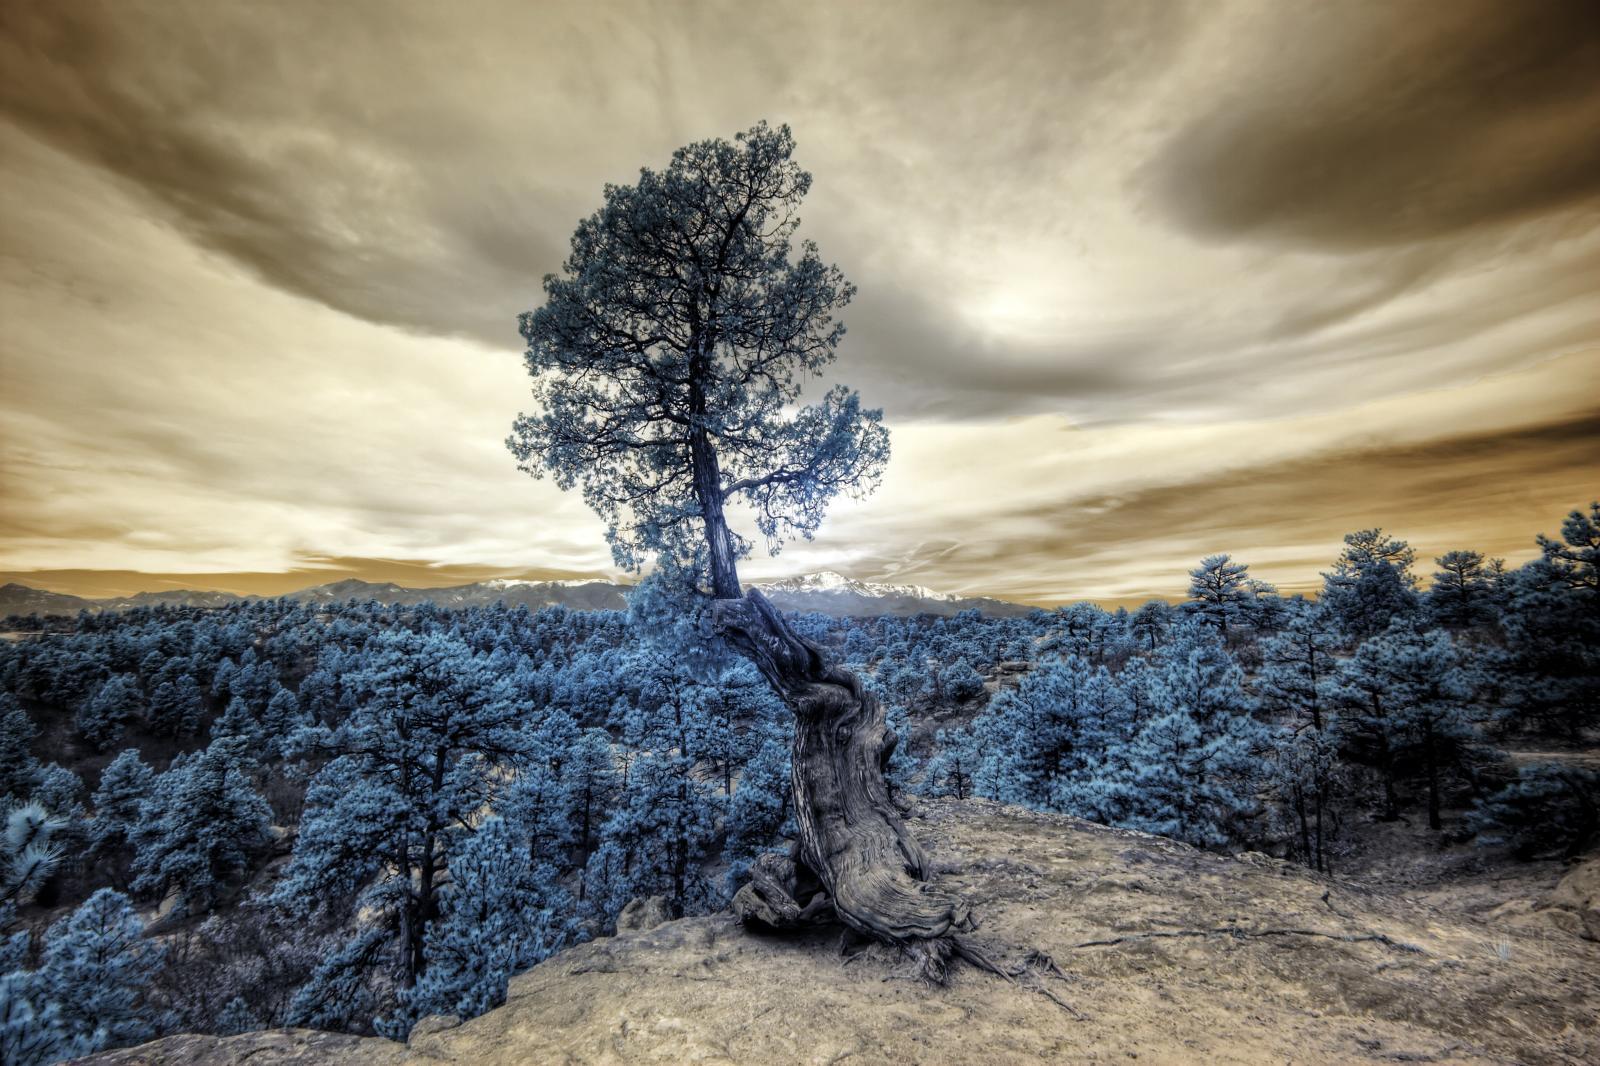 Dramatische Wolken in Gold und Silber über bläulich-surrealem Wald. Ein einsamer Baum im Vordergrund.